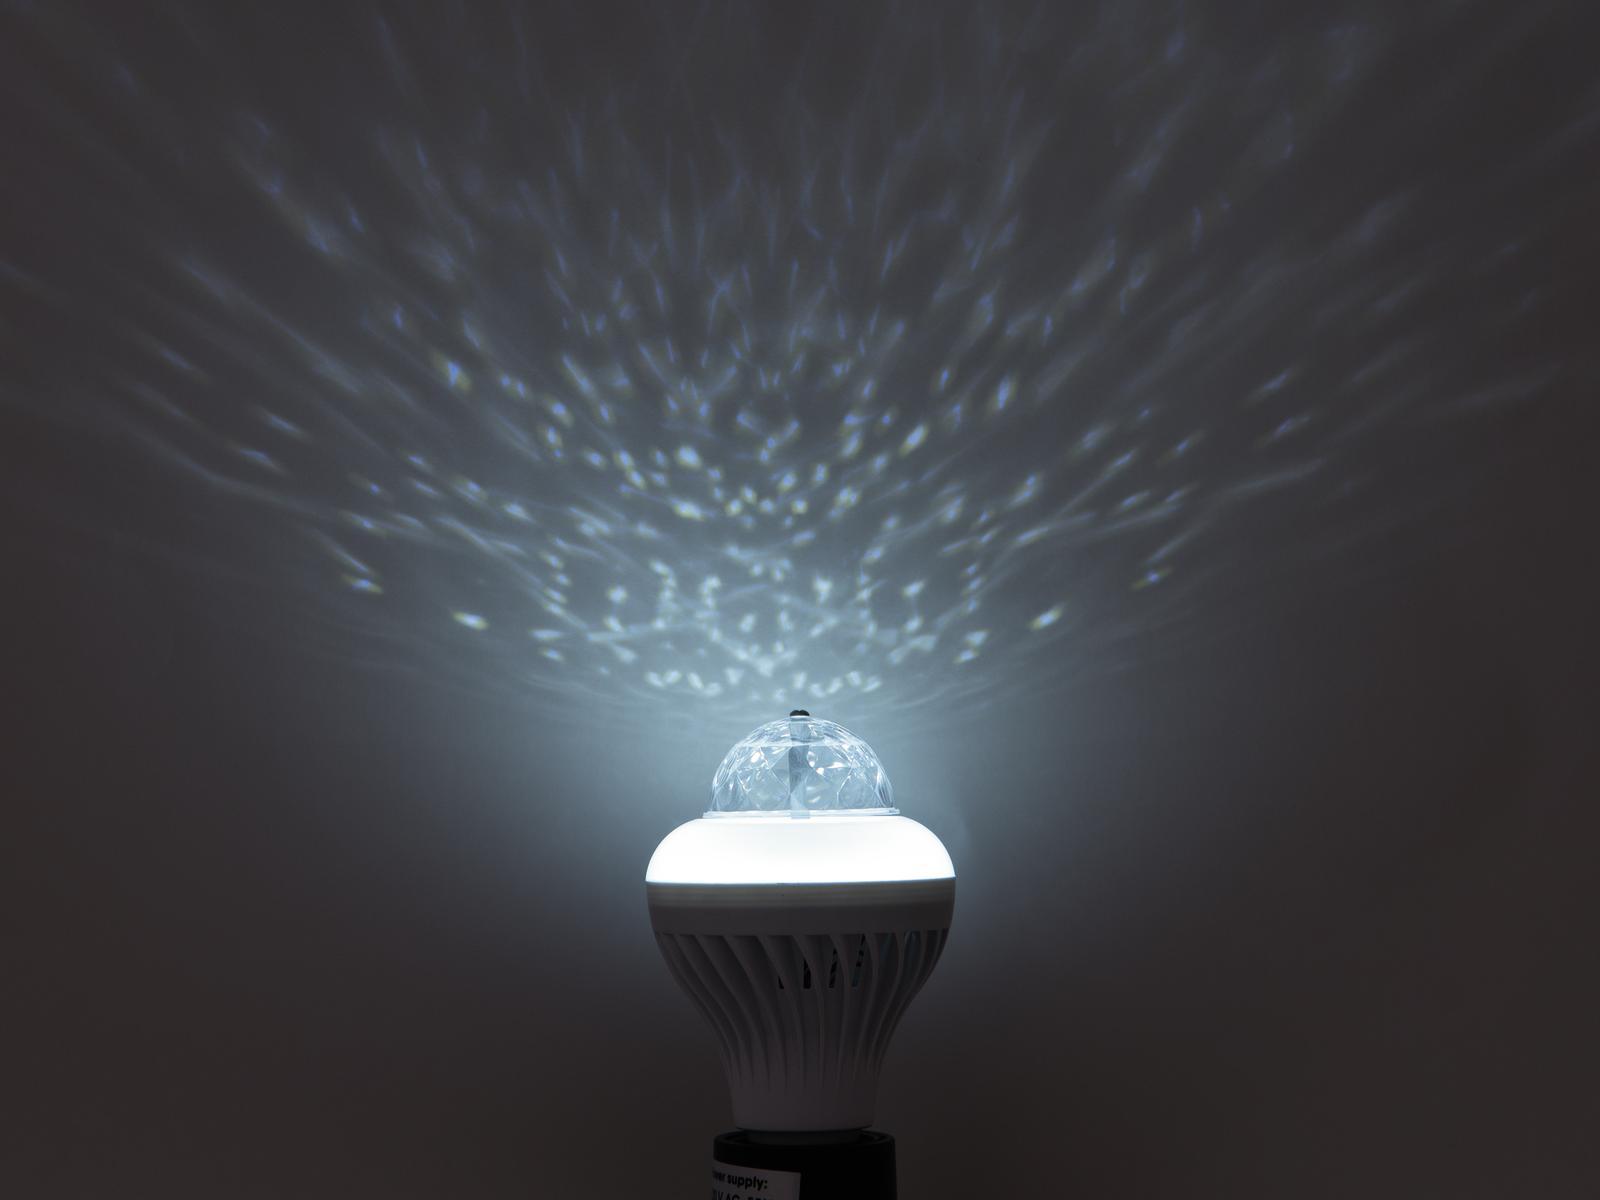 Lampada a led cambiacolori multicolor 230V 12W E27 Hybrid Beam effect BCL-1